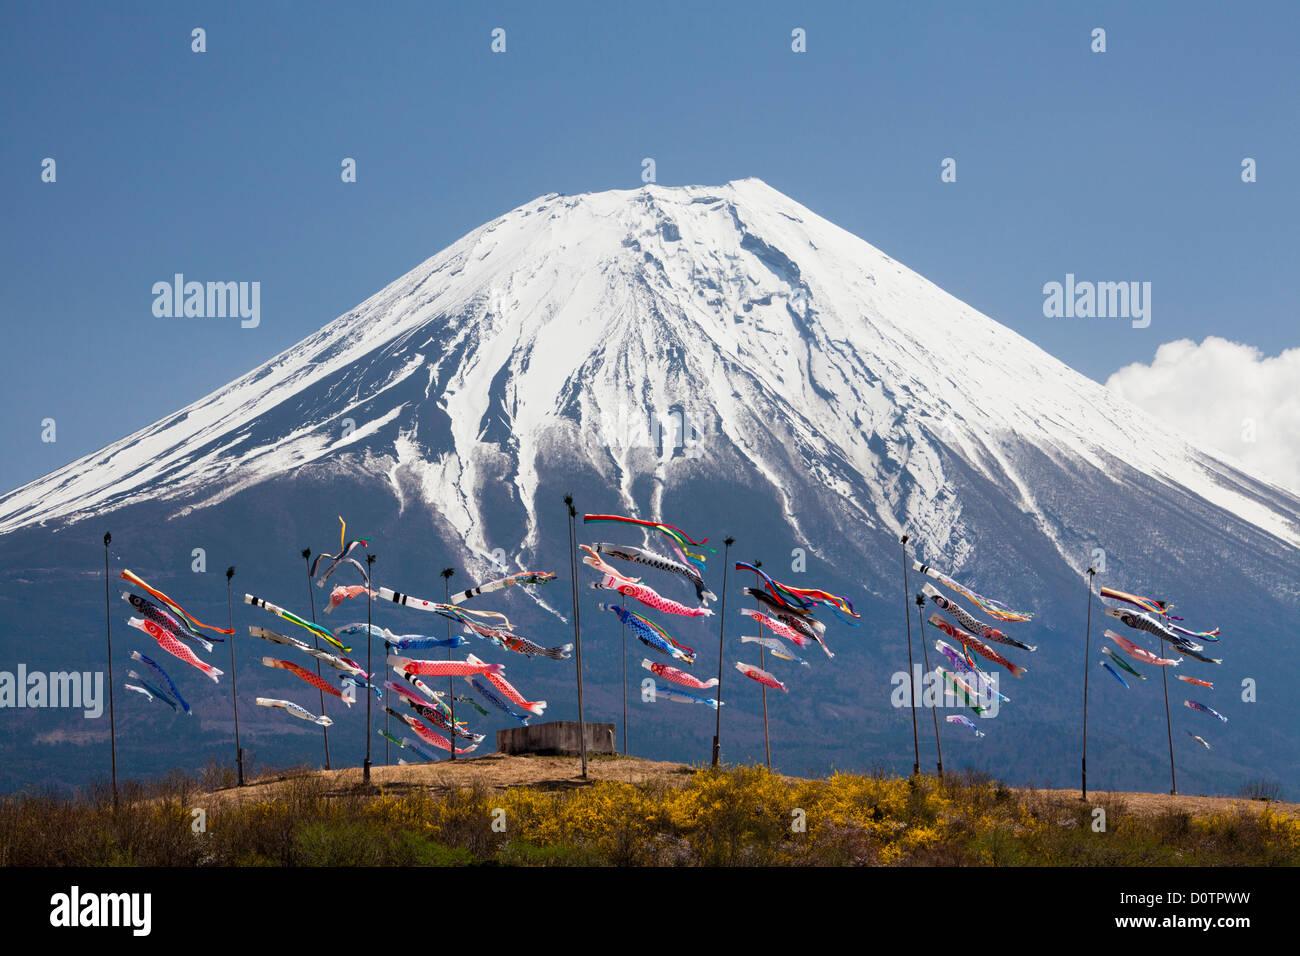 Japan Asia viajes de vacaciones Koinobori Children Festival Fuji el Monte Fuji la montaña Fujiyama nieve volcán Imagen De Stock